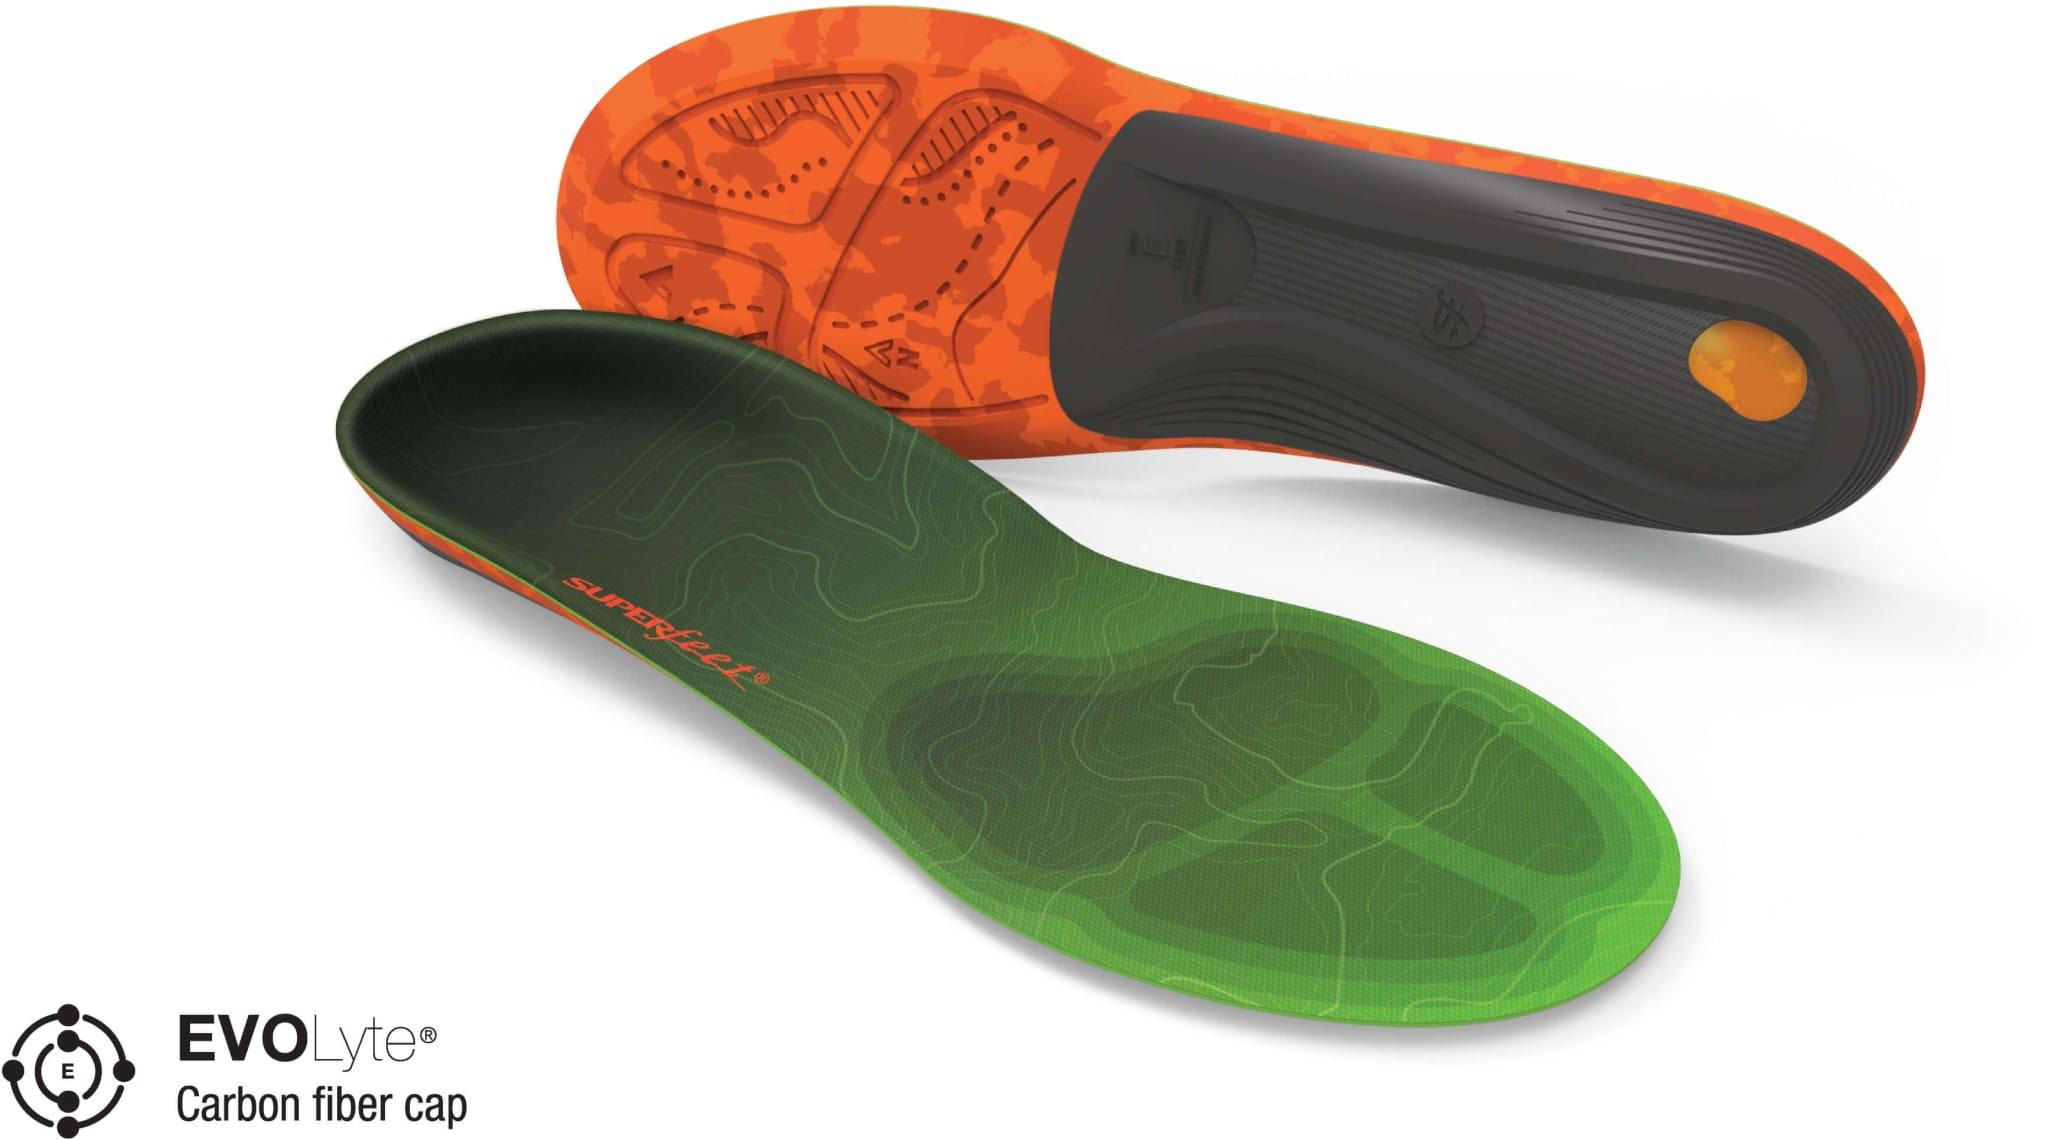 Komfortable såler som lett tilpasses dine tur- og fjellsko